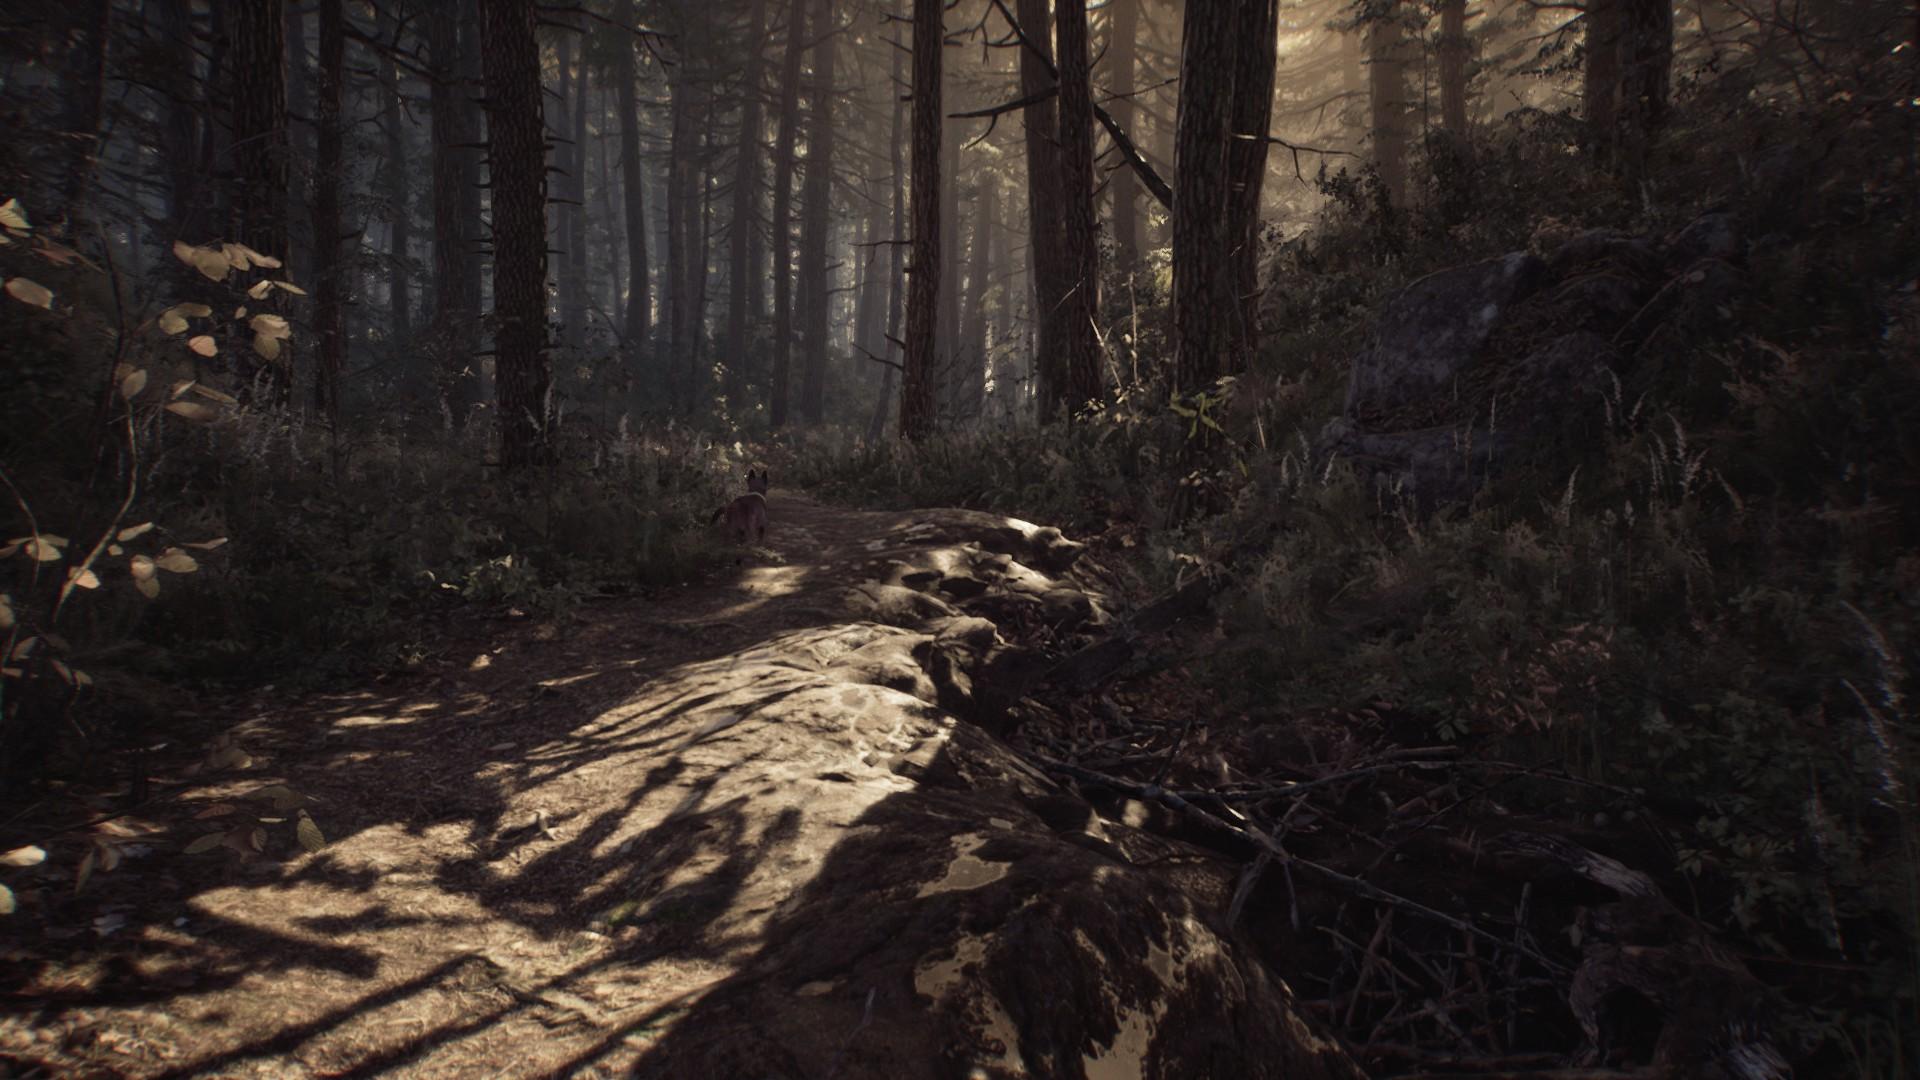 Un chien courant dans une forêt.